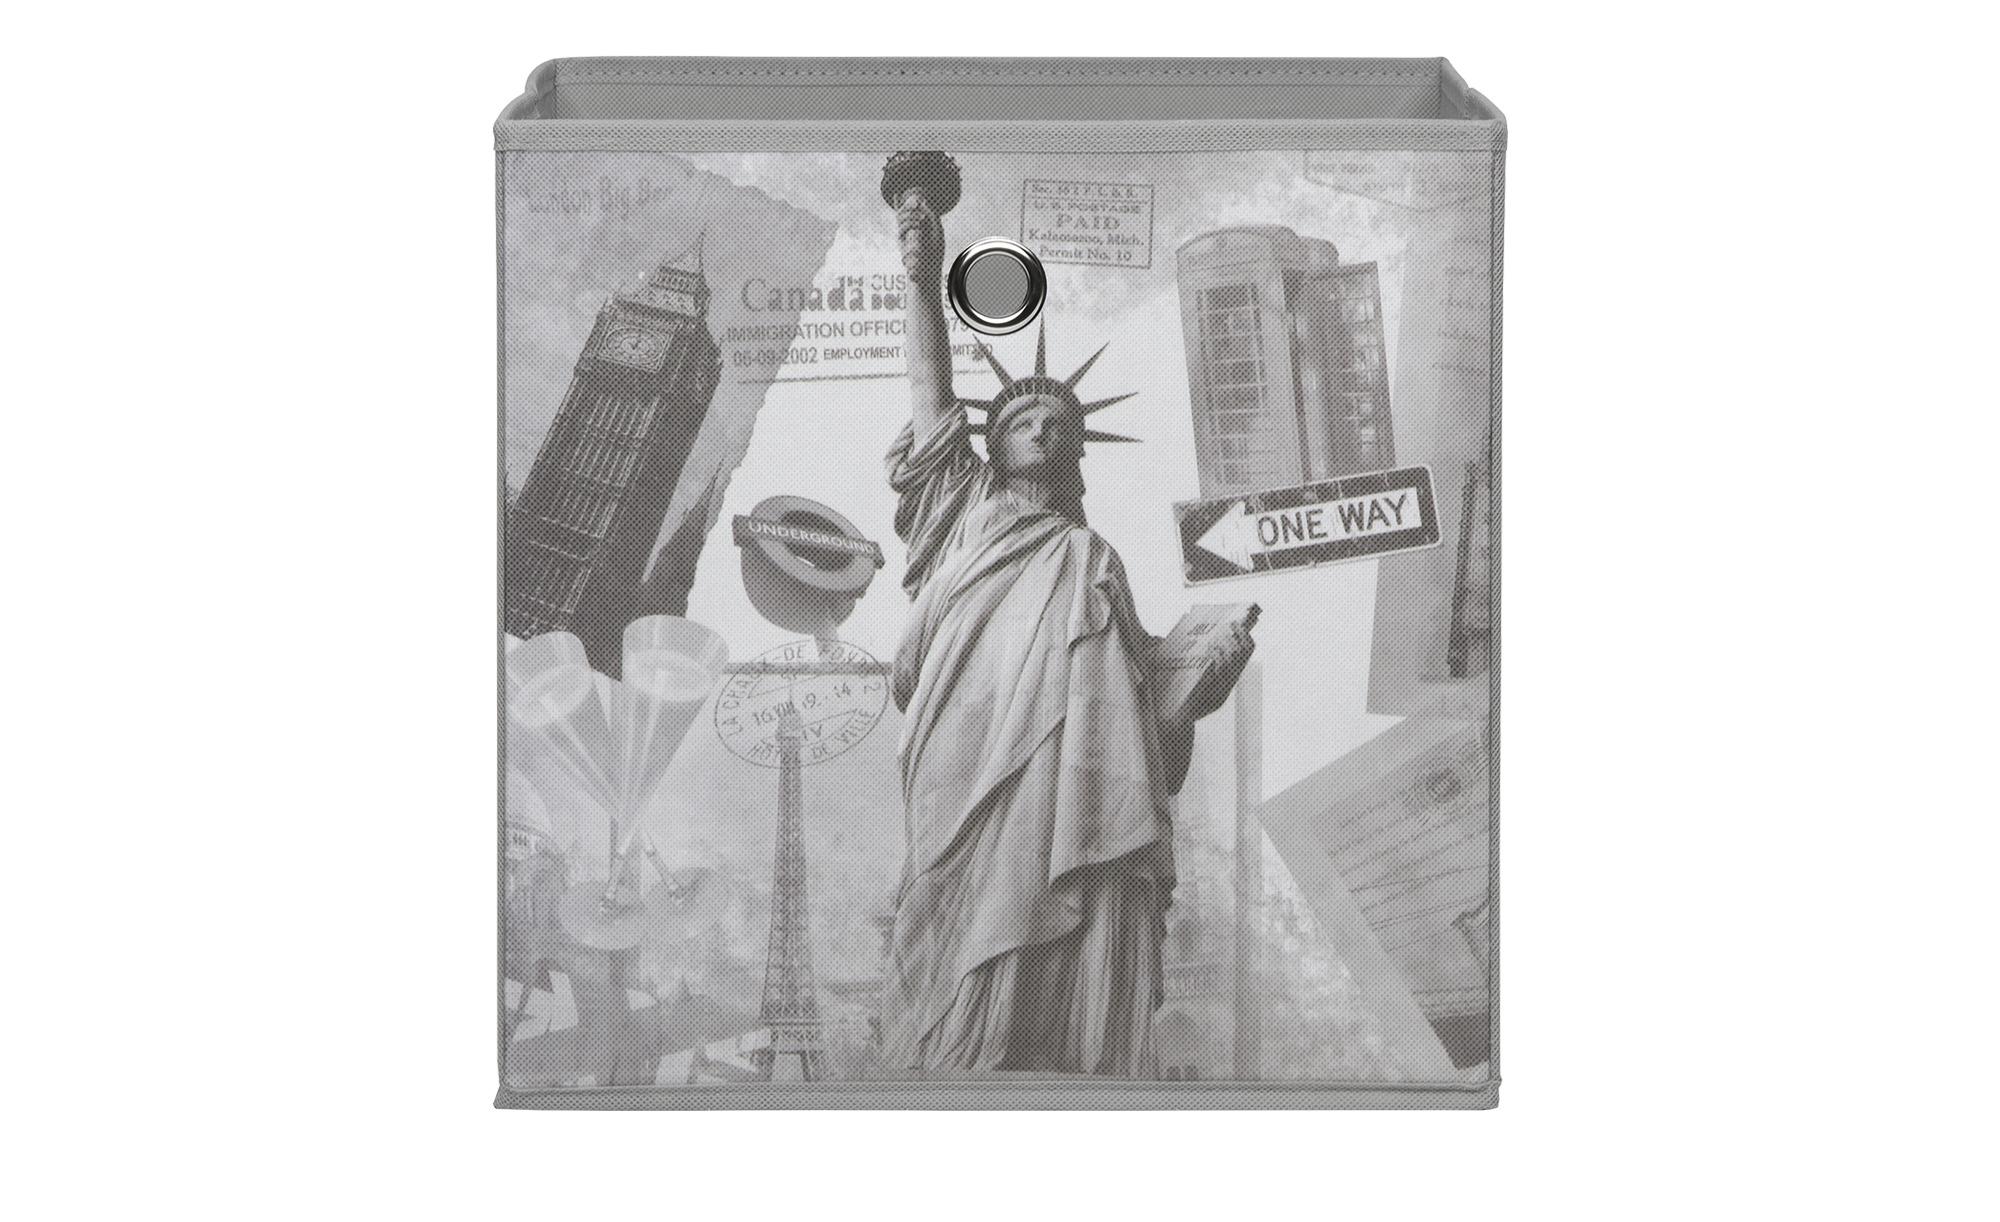 Faltbox ¦ Polypropylen ¦ Maße (cm): B: 32 H: 32 T: 32 Regale > Regal-Aufbewahrungsboxen - Höffner | Dekoration > Aufbewahrung und Ordnung > Kästchen | Möbel Höffner DE